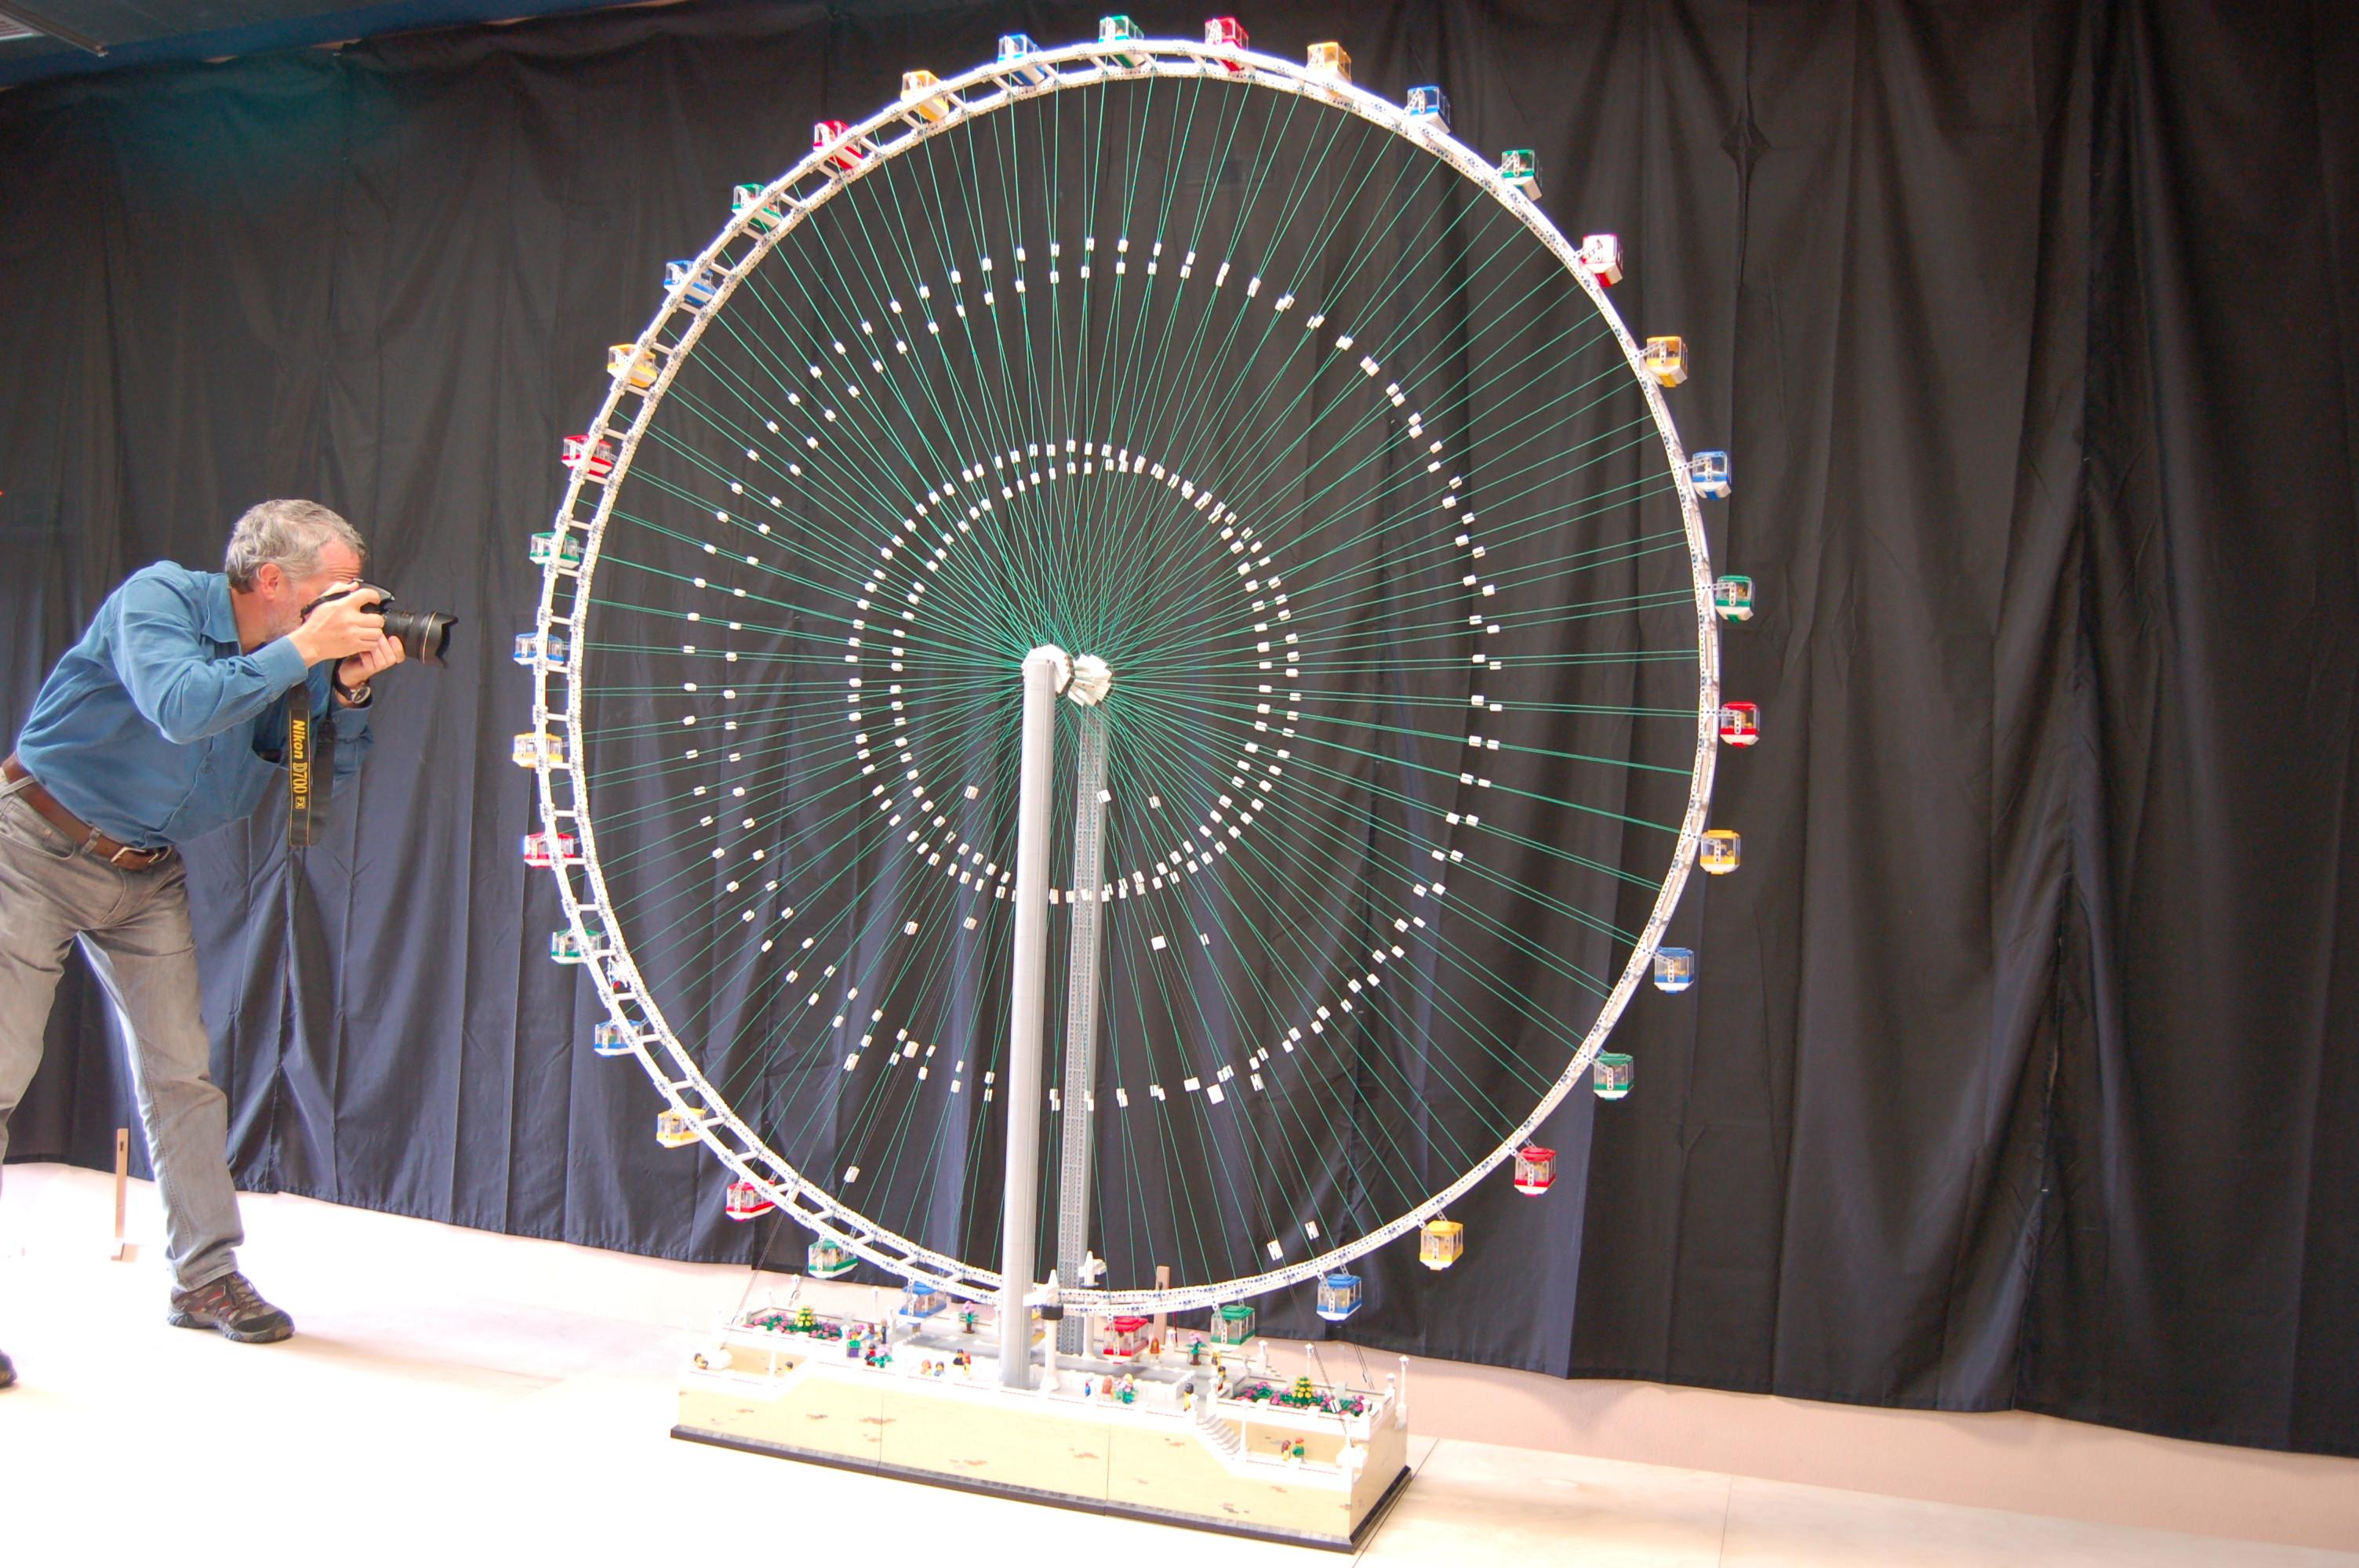 Lego Ferris Wheel DSC_4816